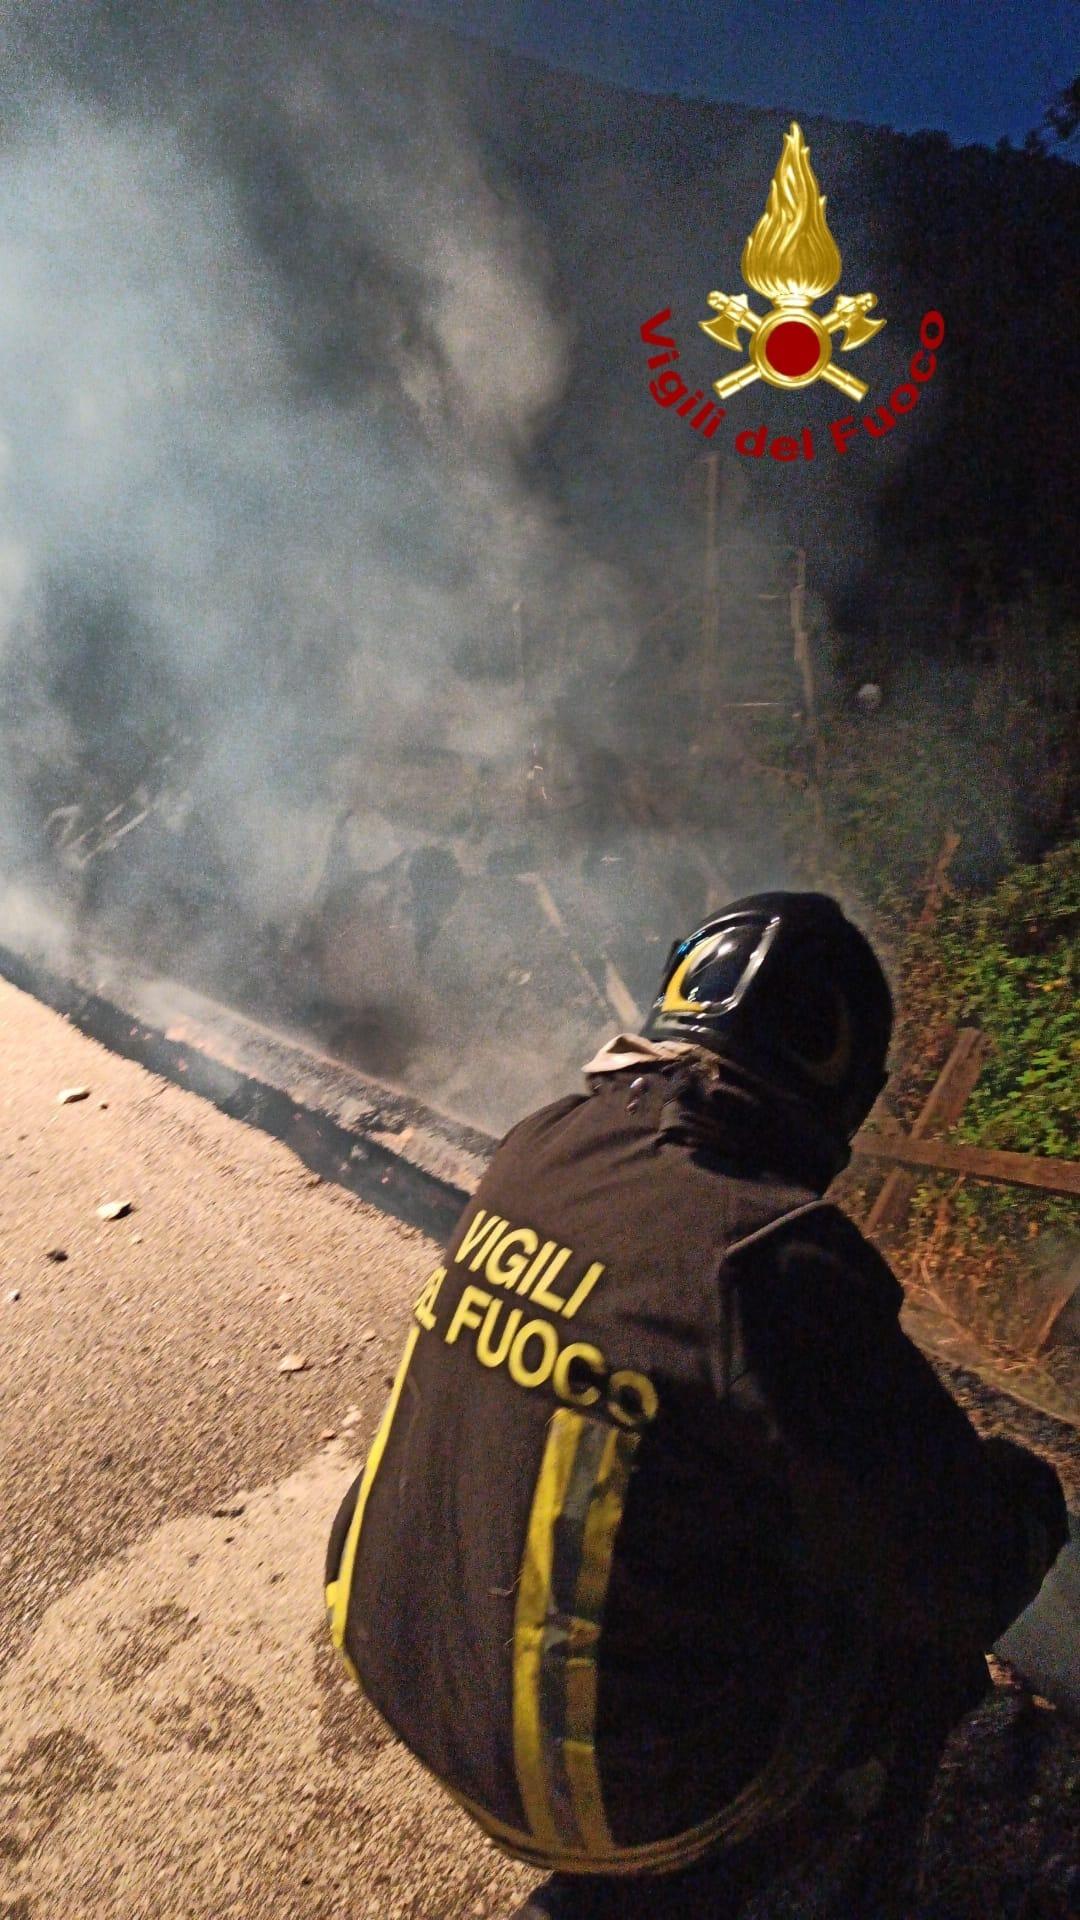 Brucia il ponte e crolla, tragedia sfiorata a Serino